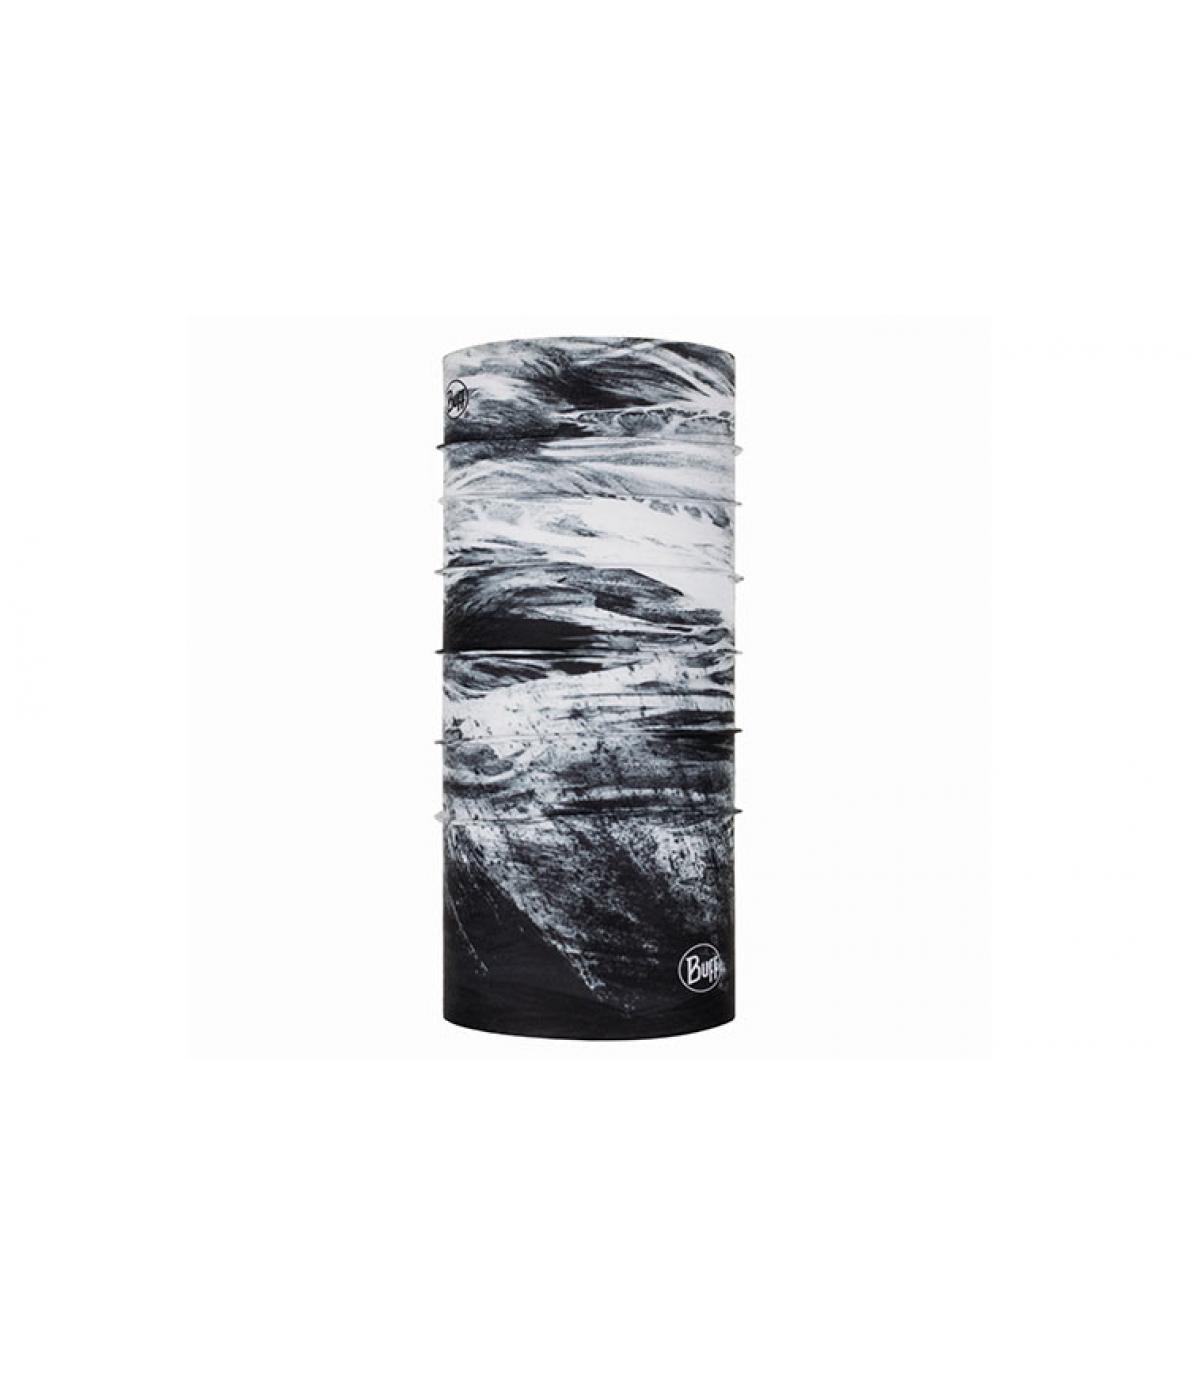 Buff imprimé noir blanc